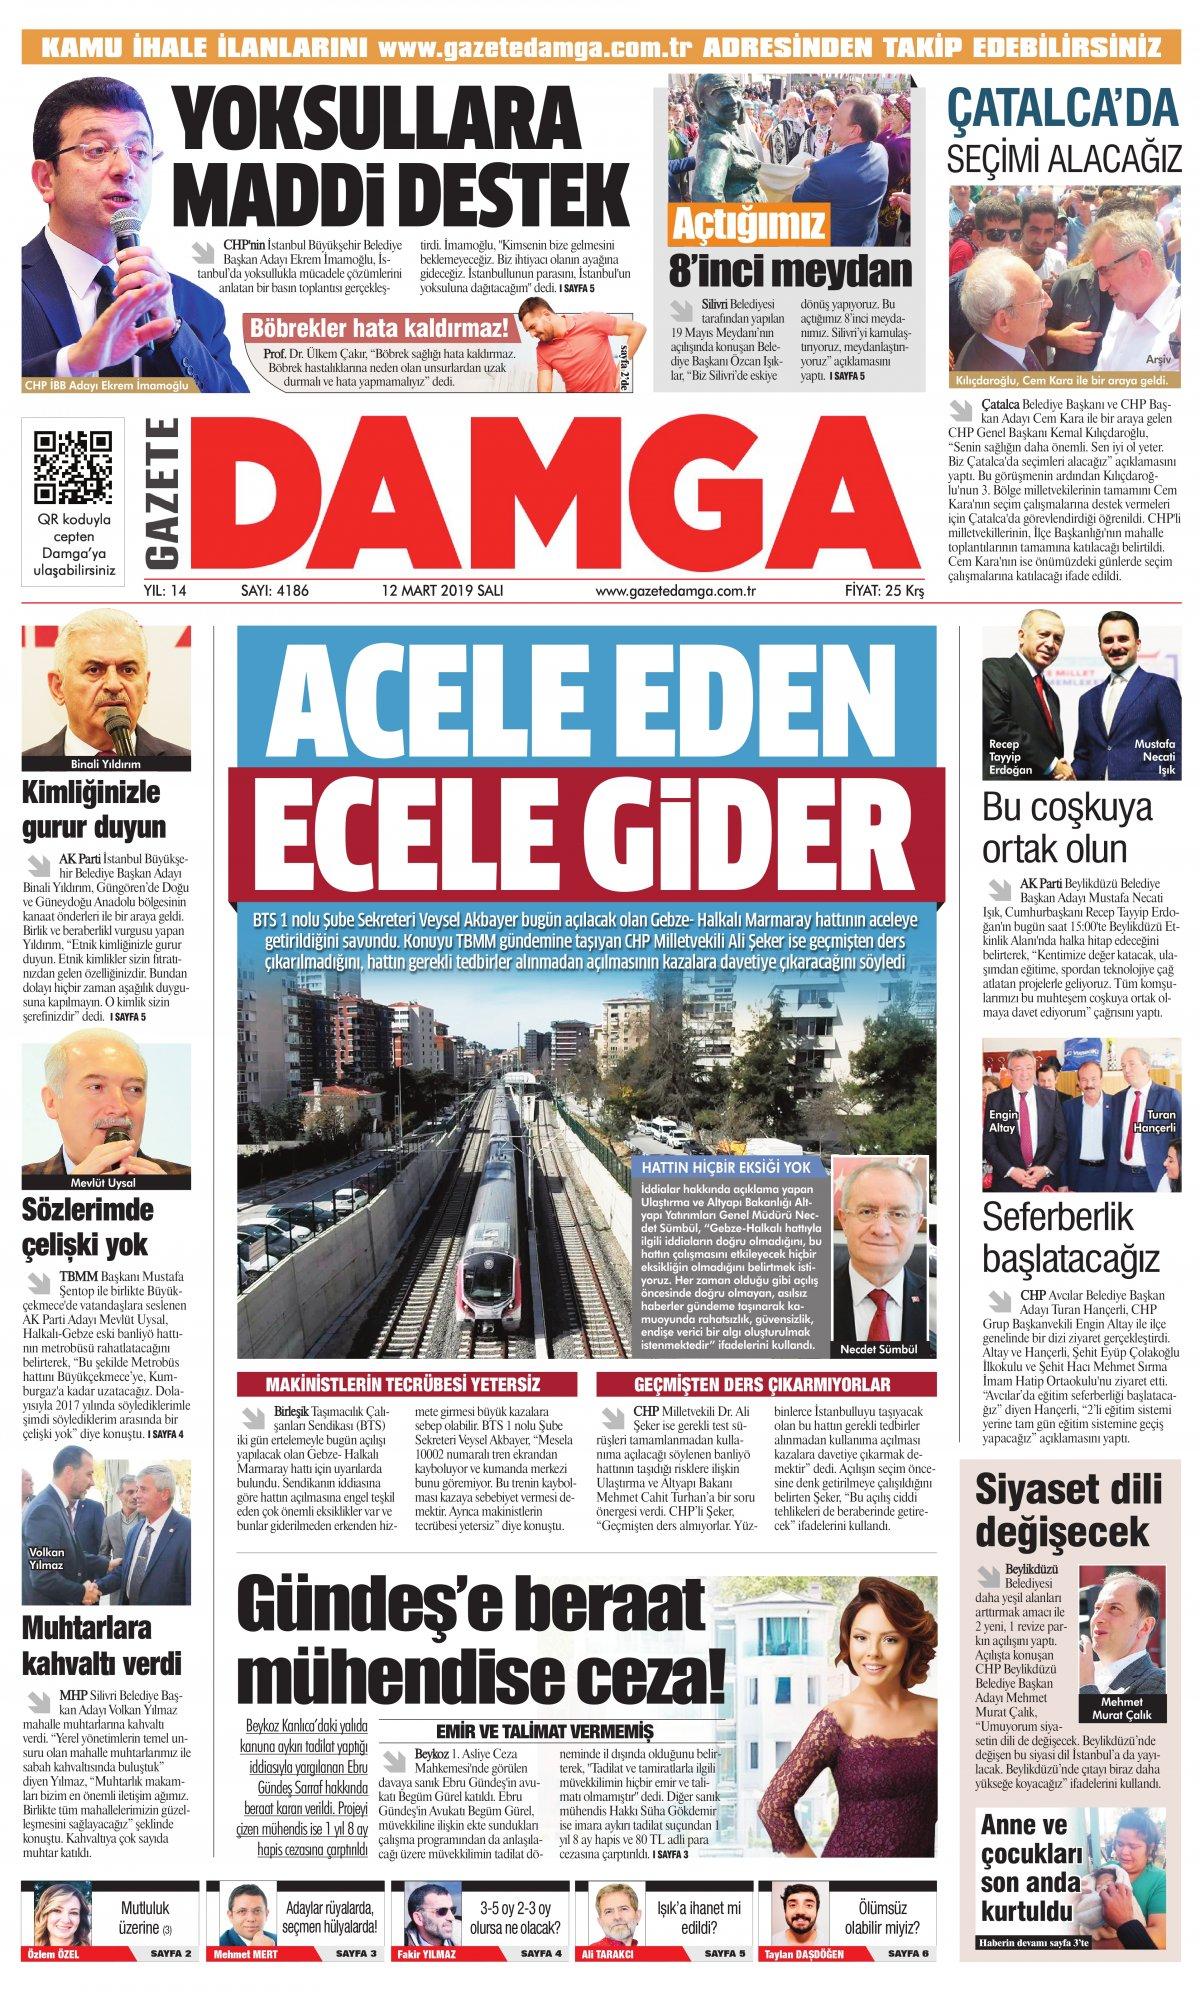 Gazete Damga - 12.03.2019 Sayfaları